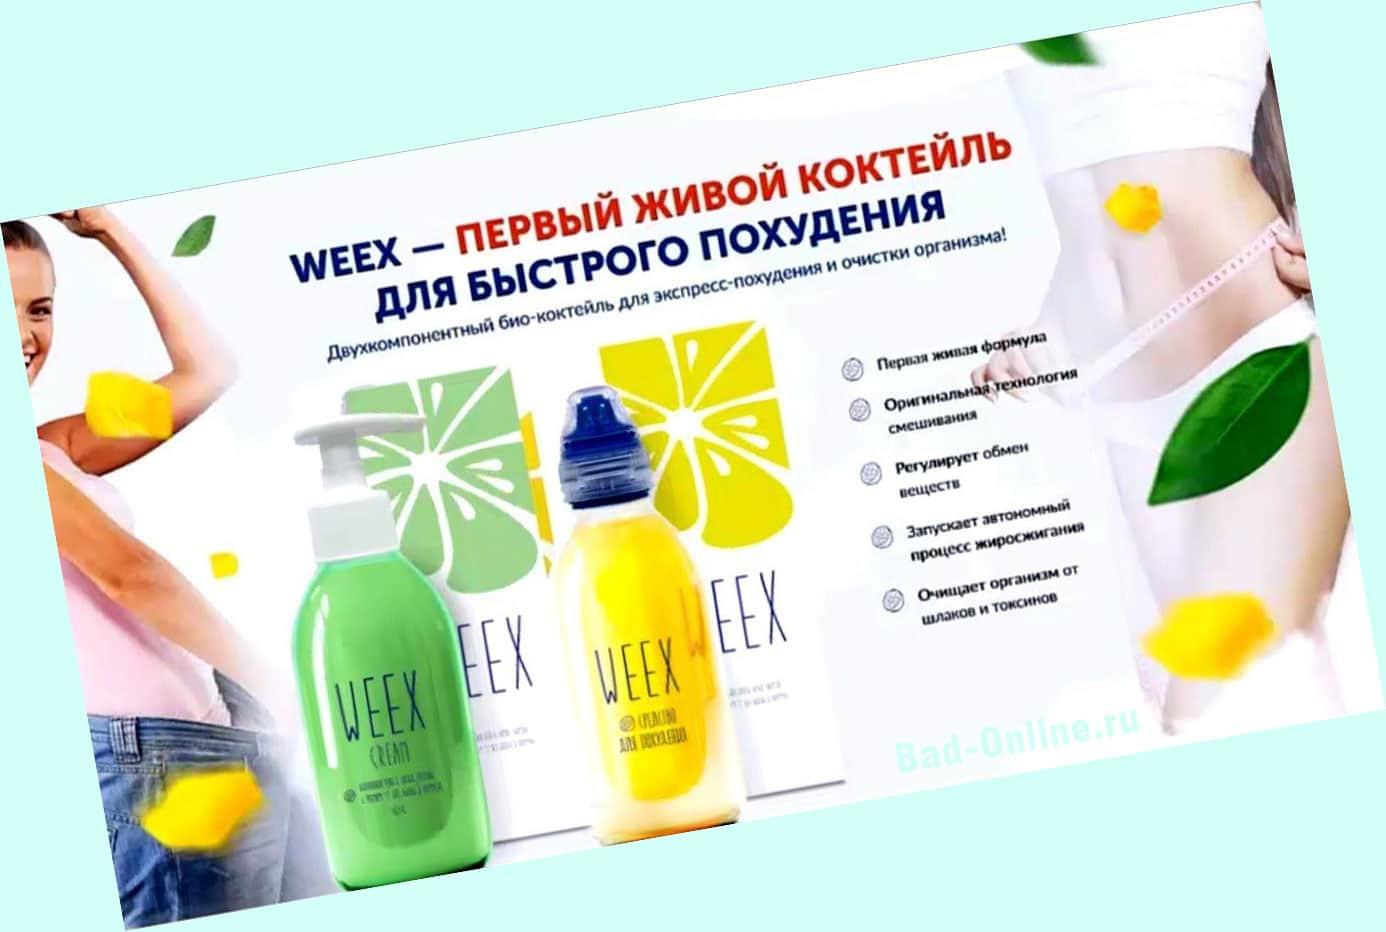 В чем преимущества Weex для снижения веса?